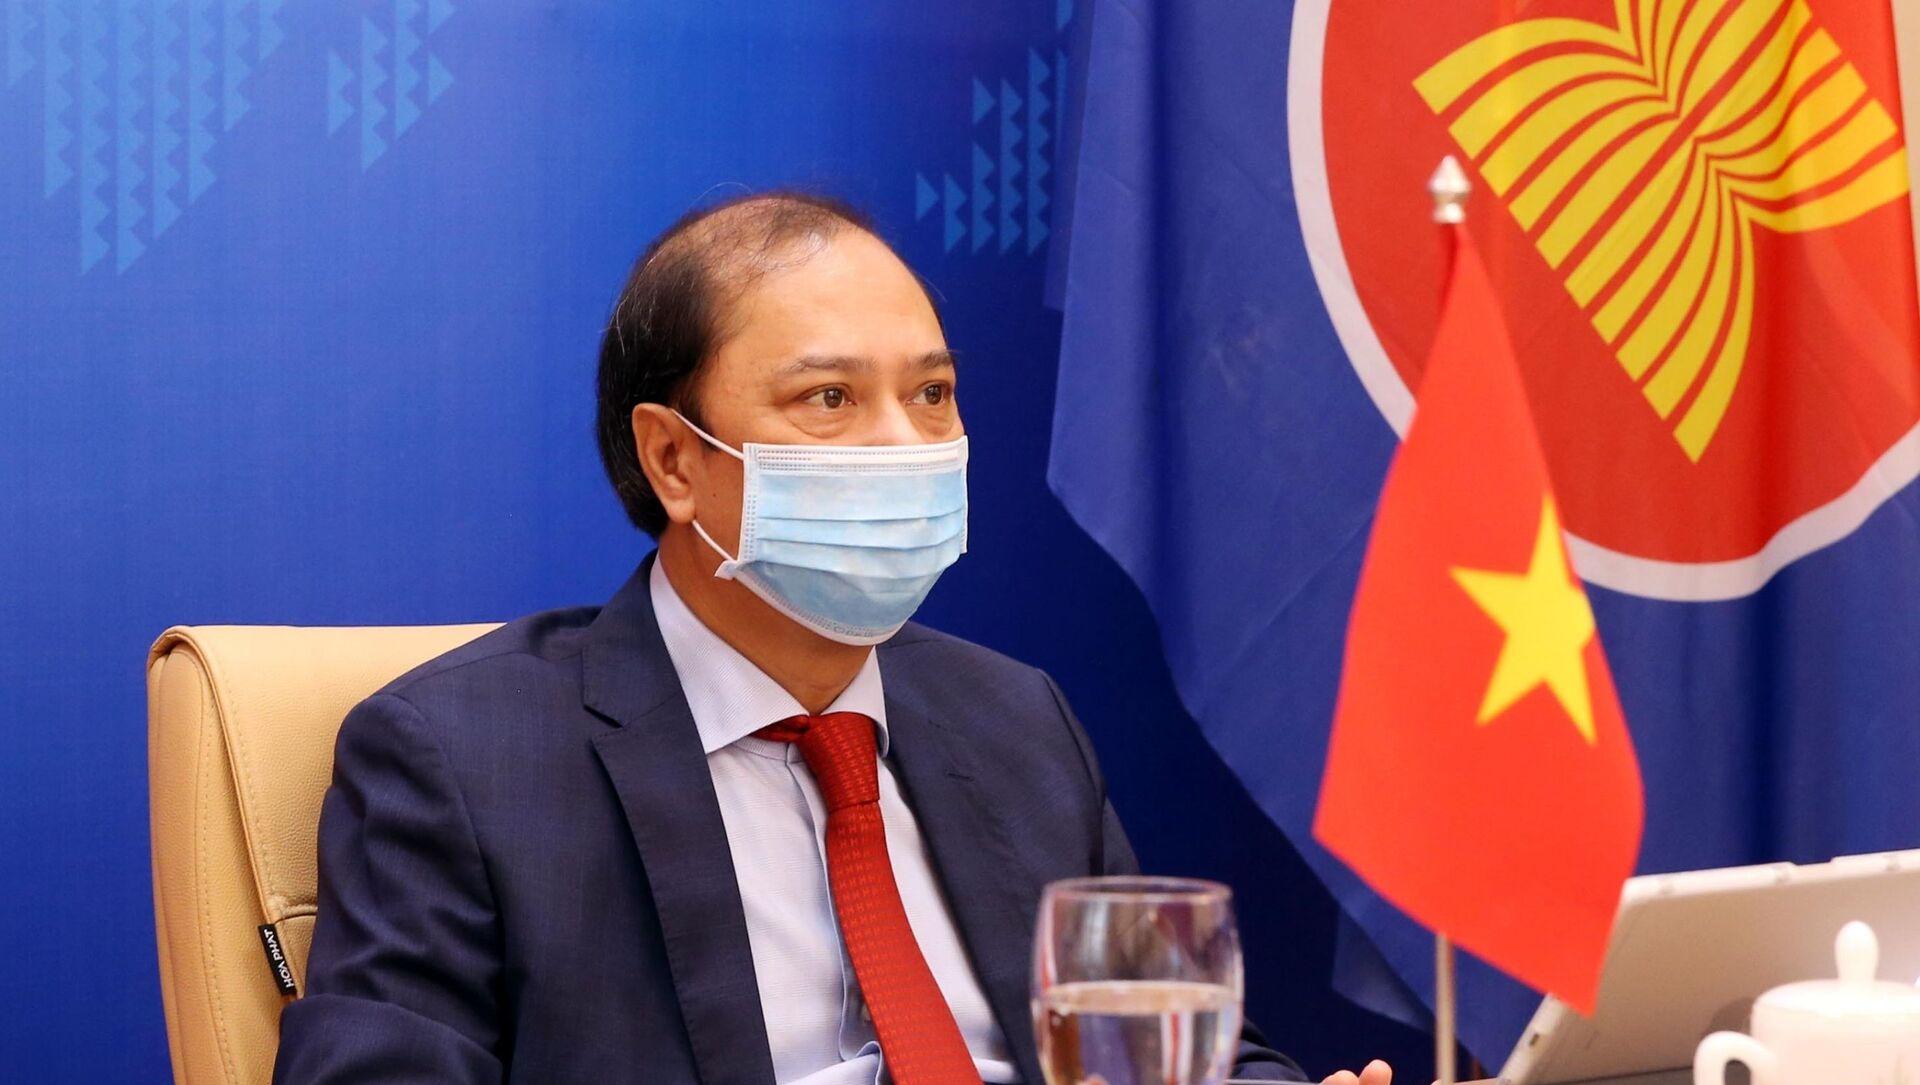 Thứ trưởng Bộ Ngoại giao Nguyễn Quốc Dũng dự Đối thoại ASEAN-Hoa Kỳ lần thứ 34 theo hình thức trực tuyến. - Sputnik Việt Nam, 1920, 06.05.2021